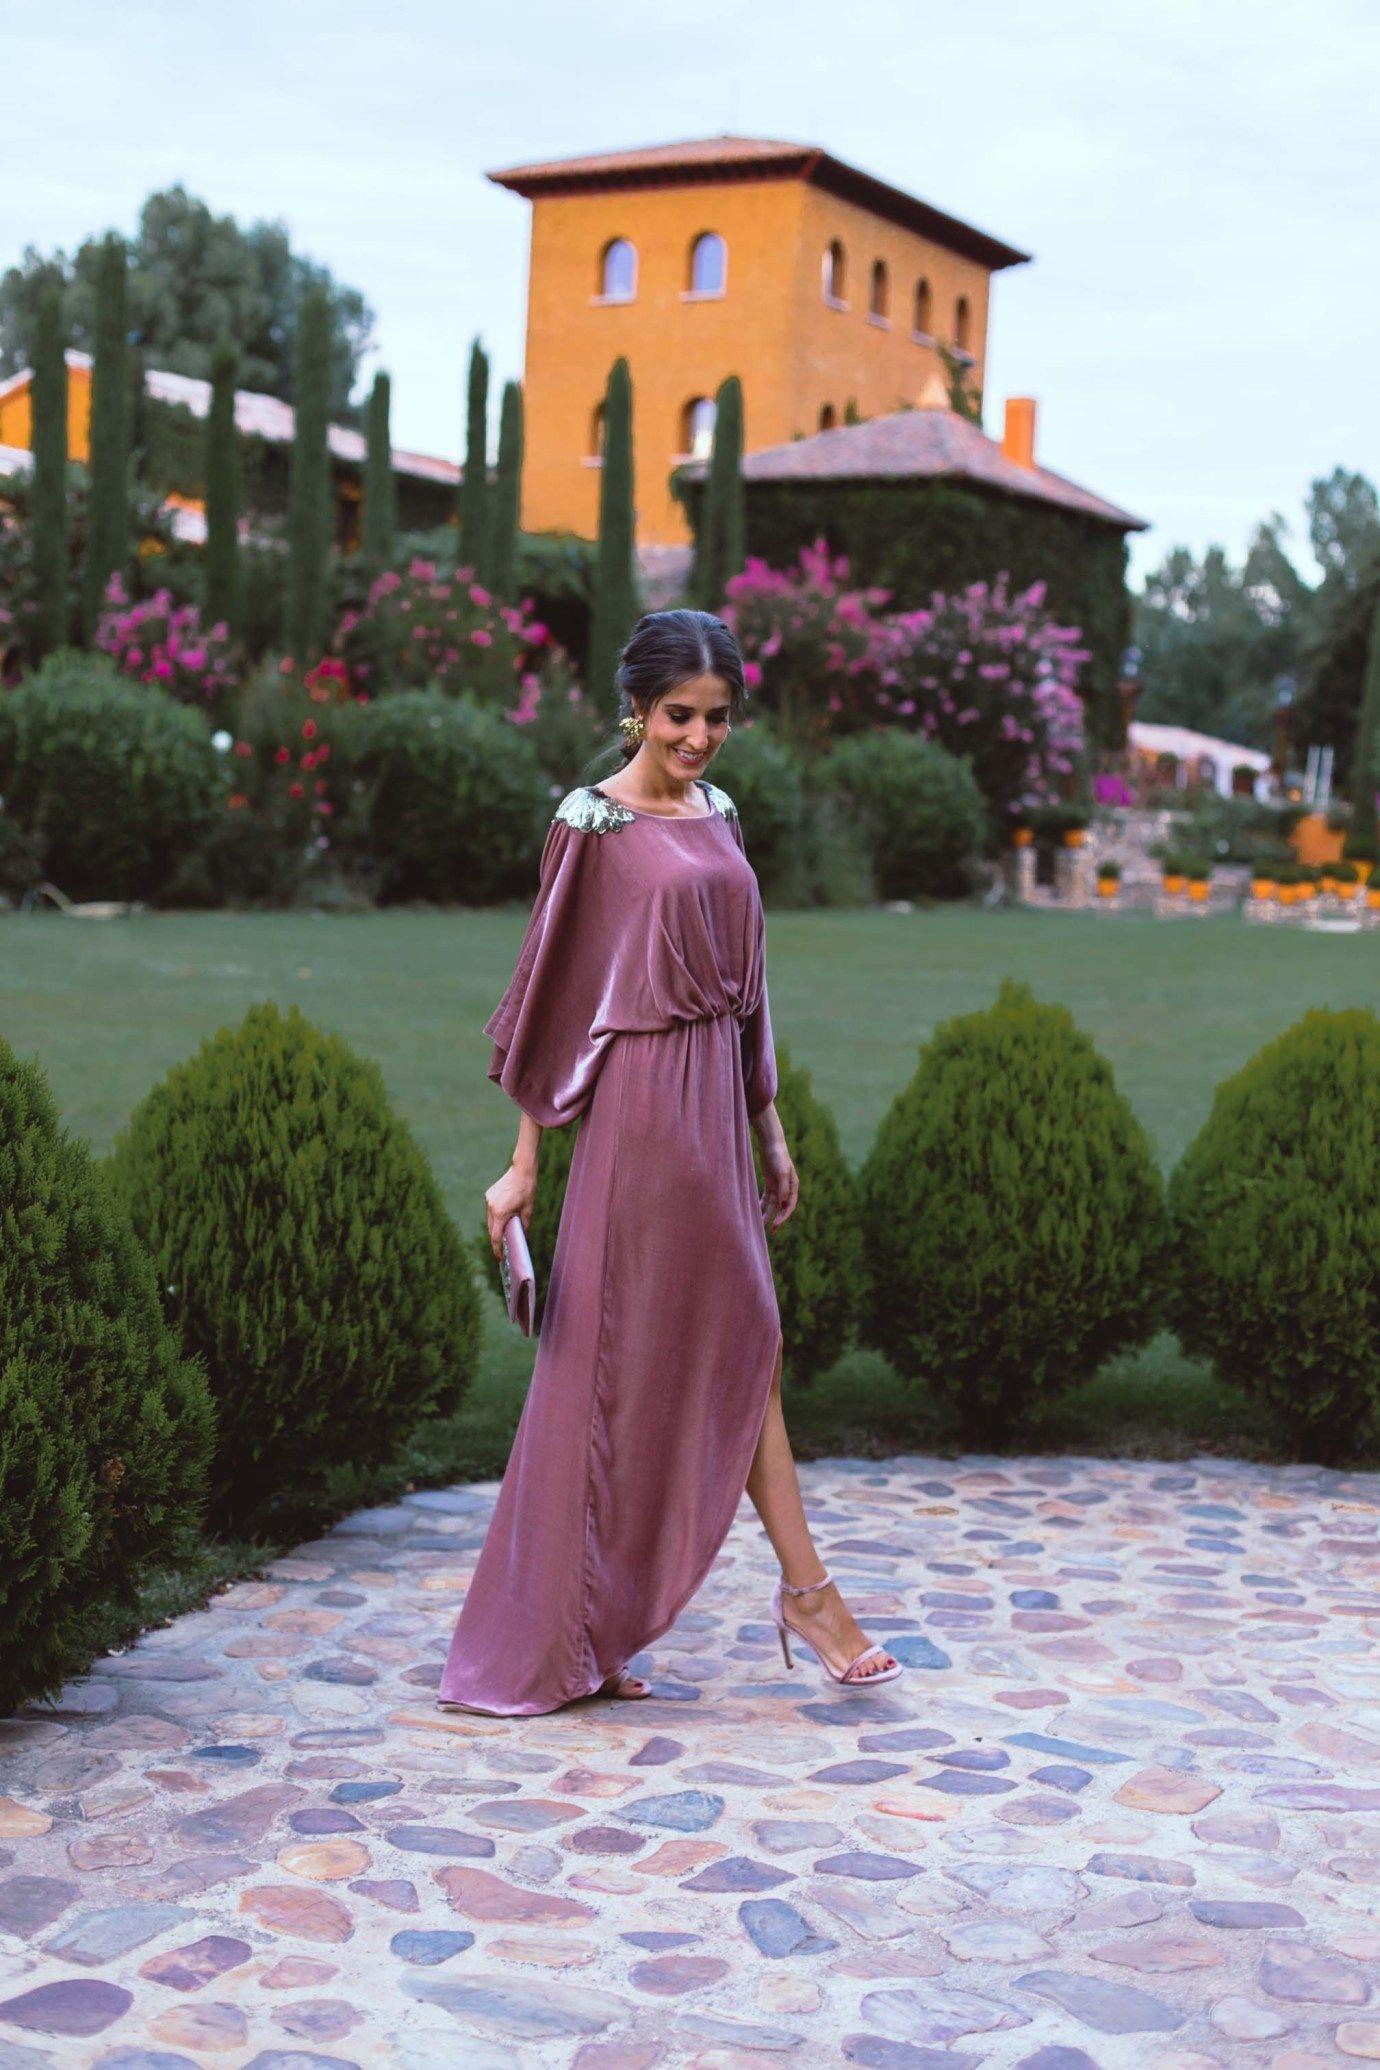 021d268c82 Look invitada boda otoño invierno vestido largo terciopelo boda noche  trenza romana